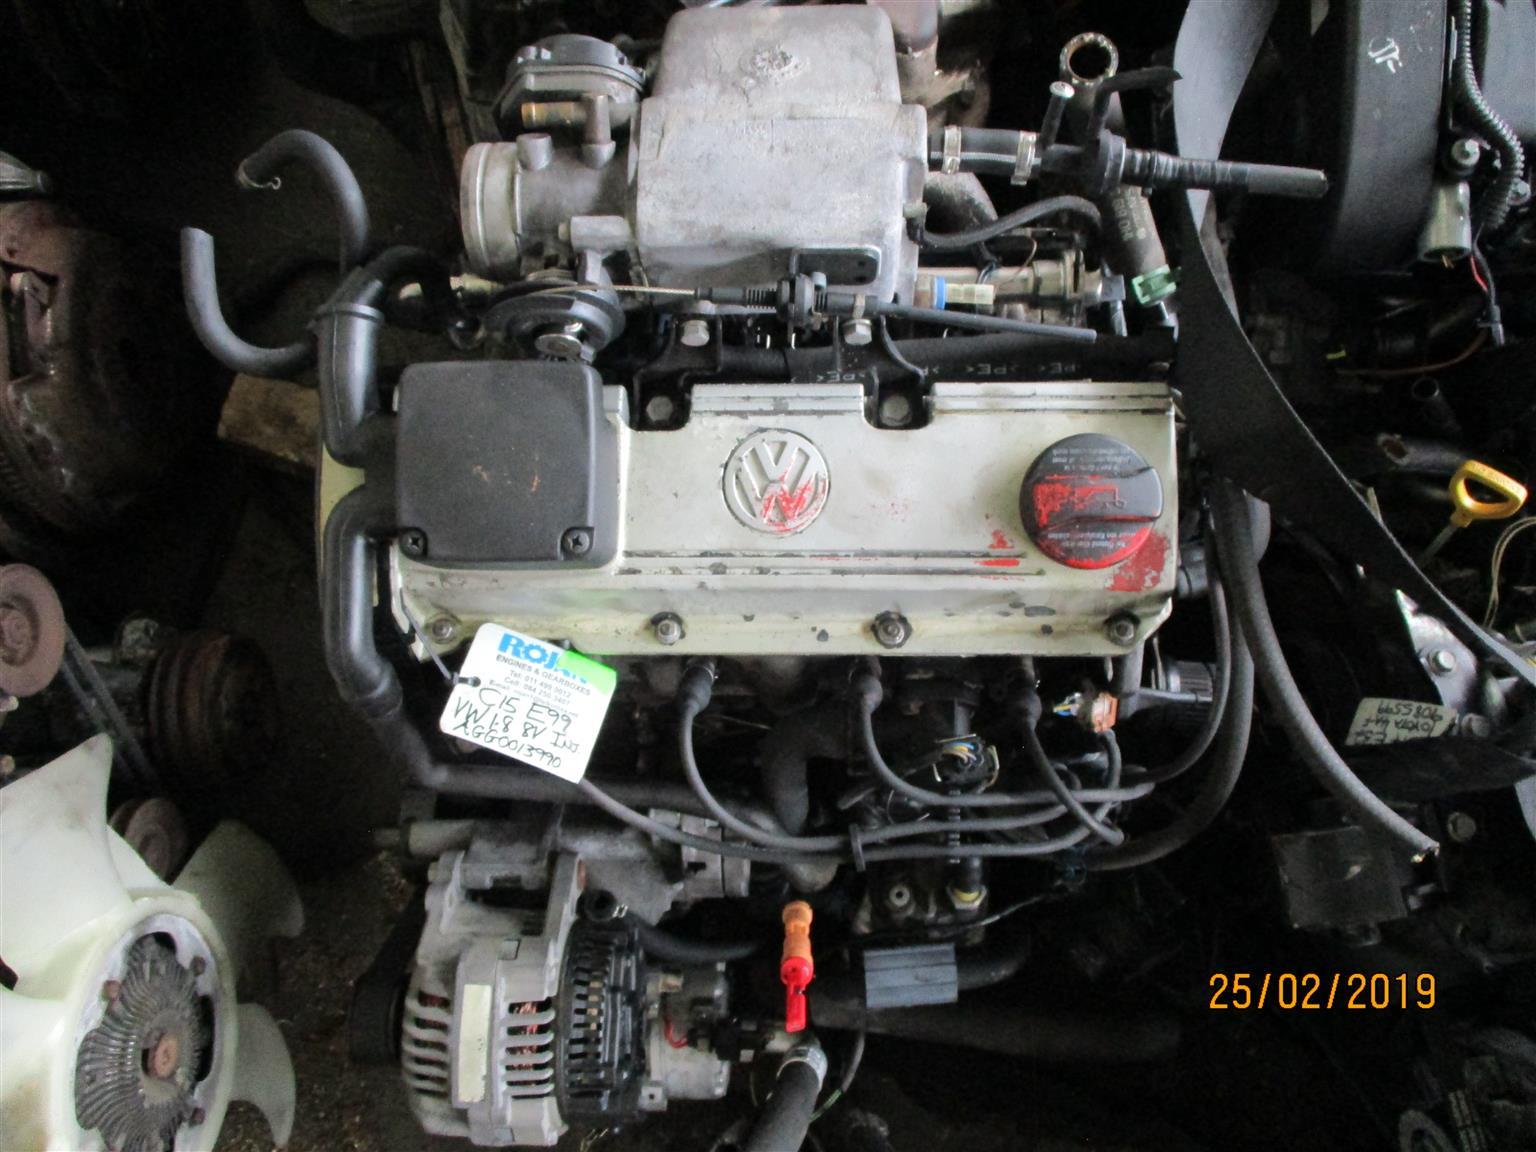 VW Golf 1 8 8V engine for sale